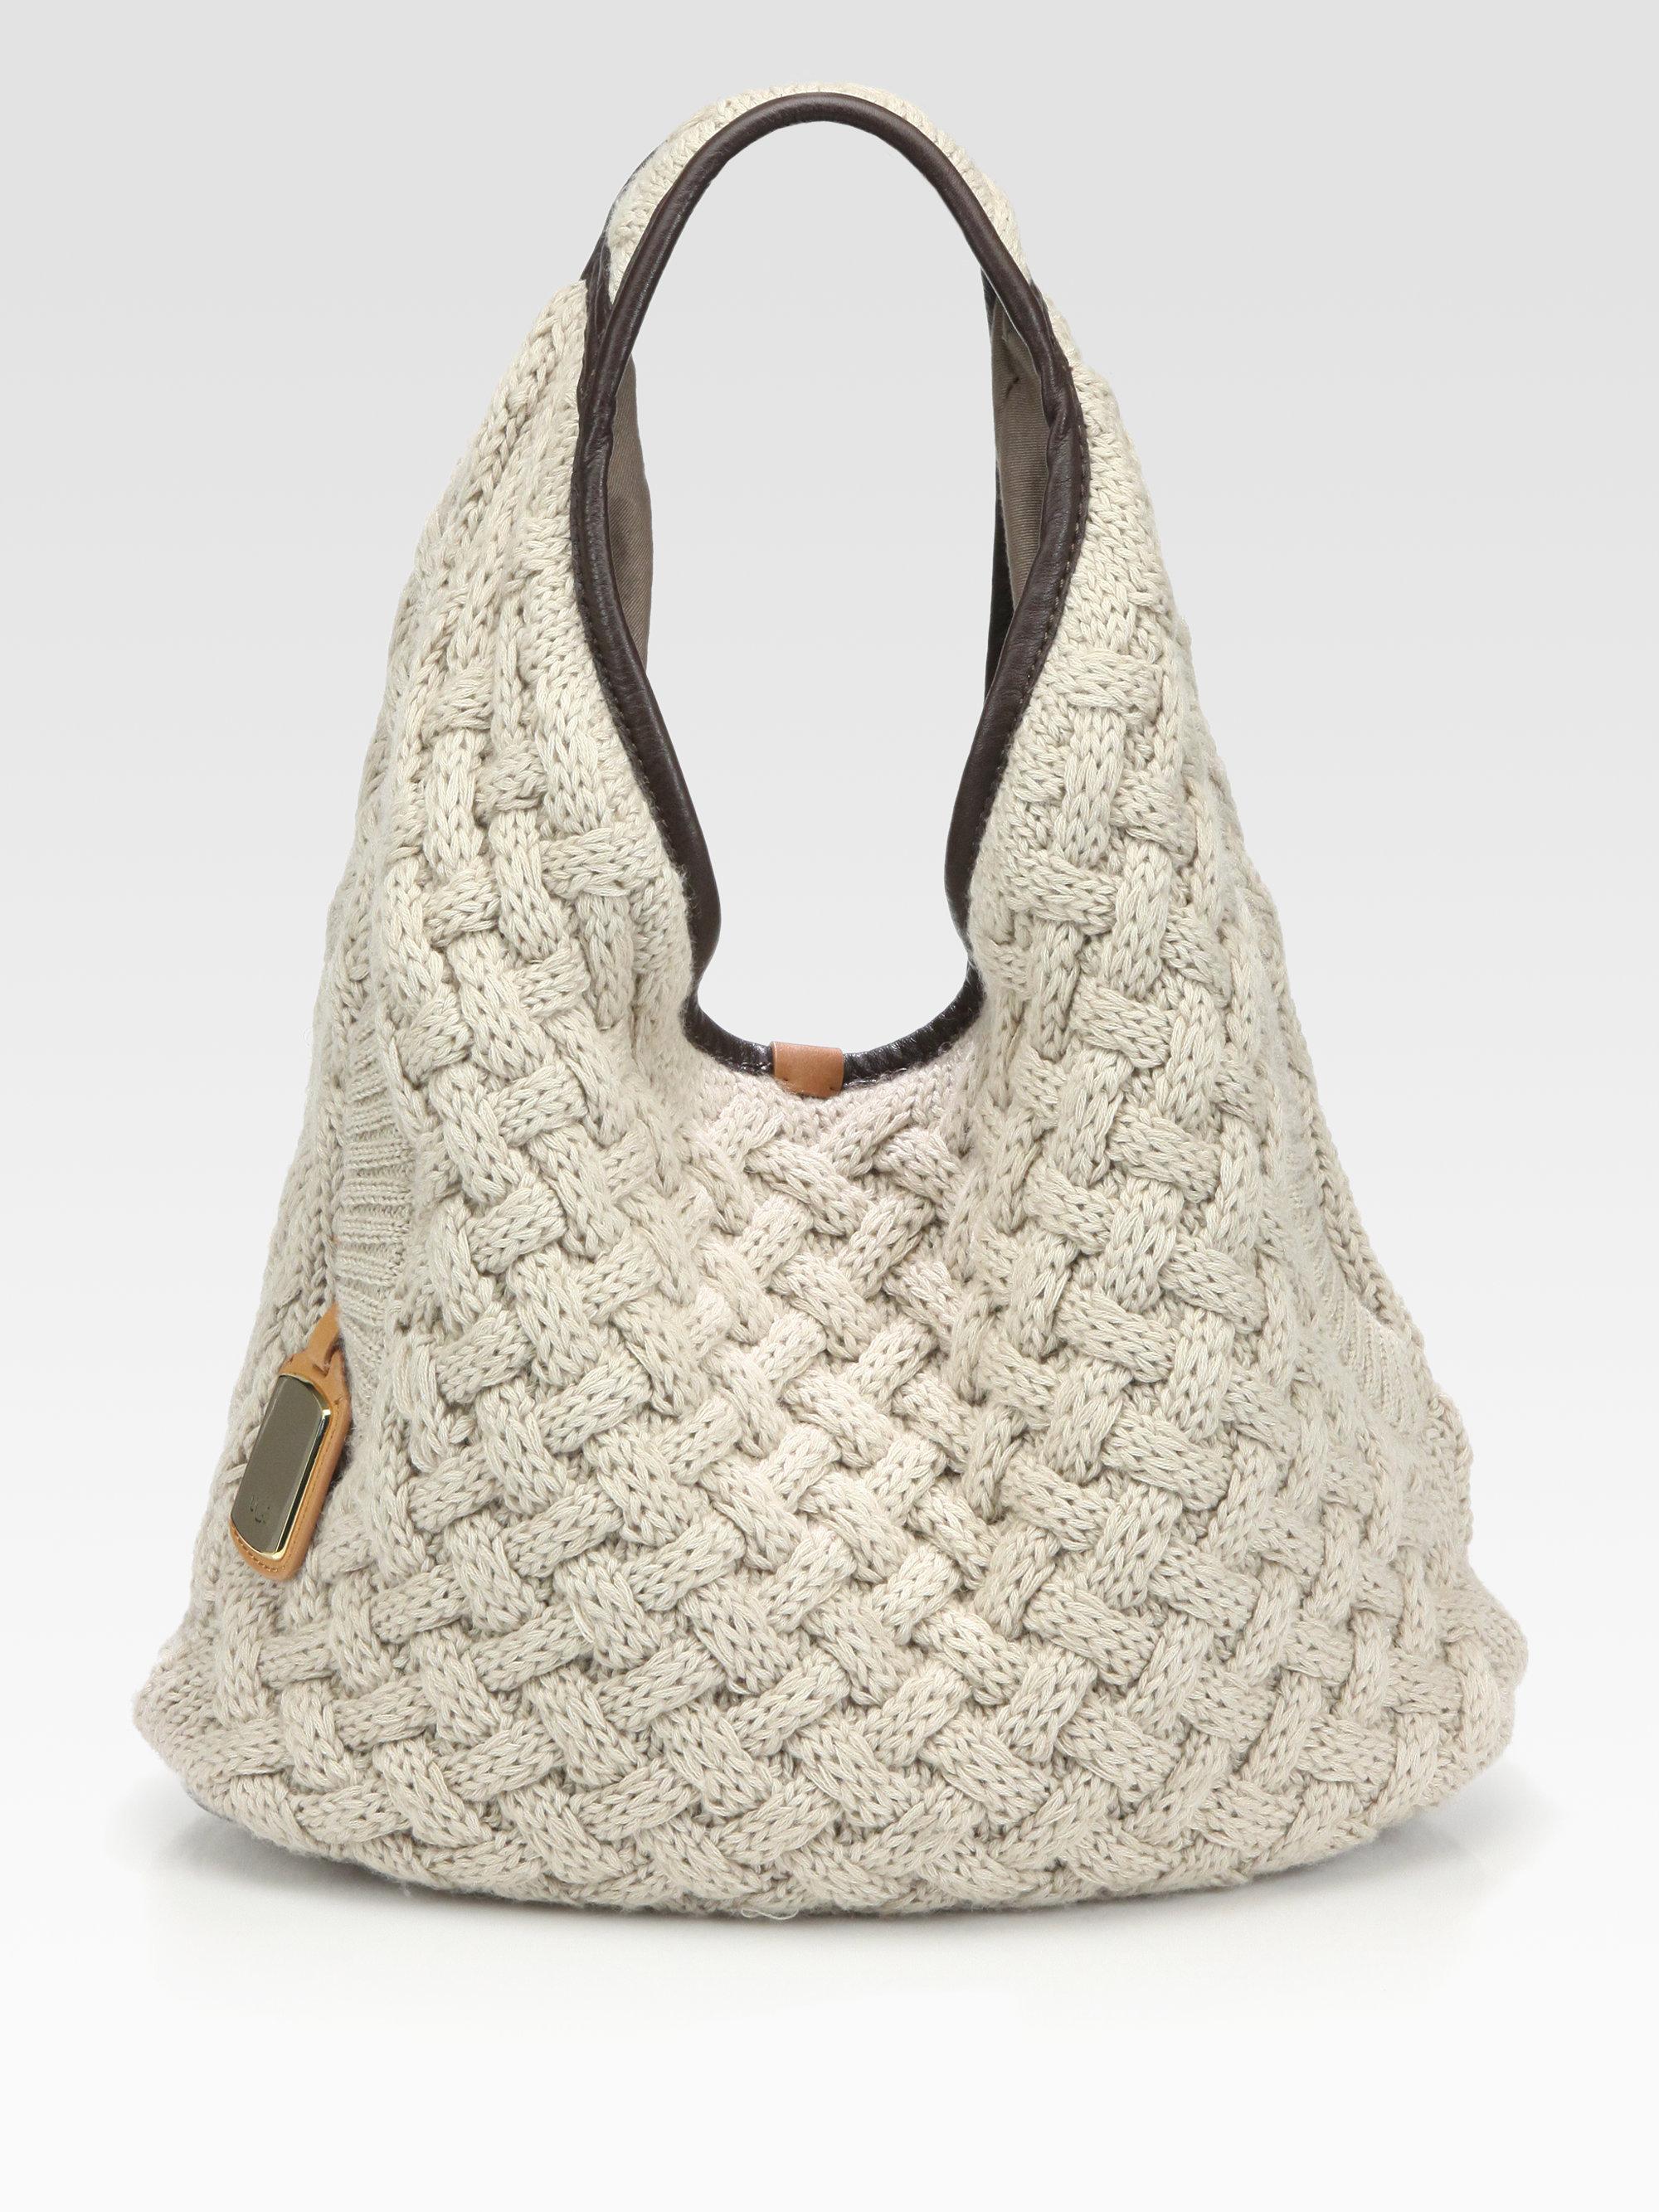 9 best designer hobo bags for women in different models